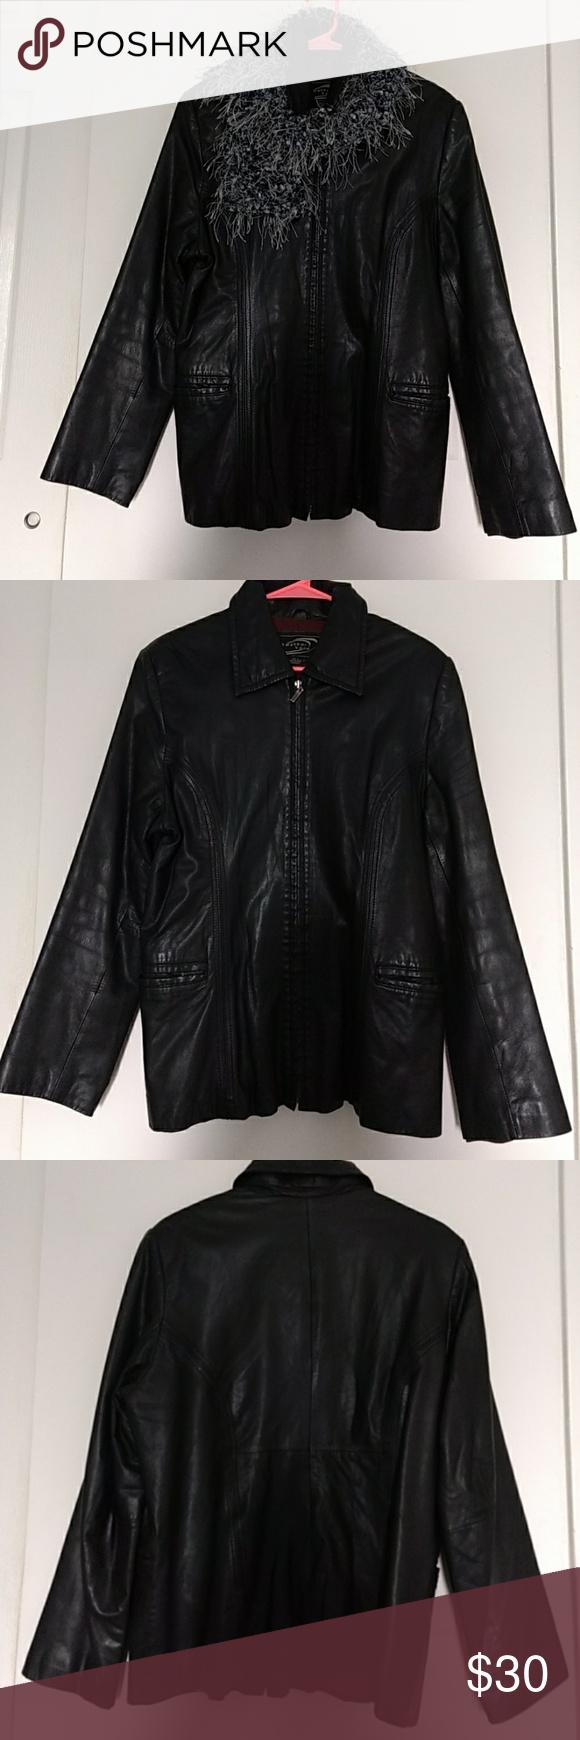 Weathervane Leather Jacket Shell Genuine Leather Lining 100 Polyester Filler 100 Polyester Leather Jacket Dress It Fashion Leather Jacket Dress Jacket Dress